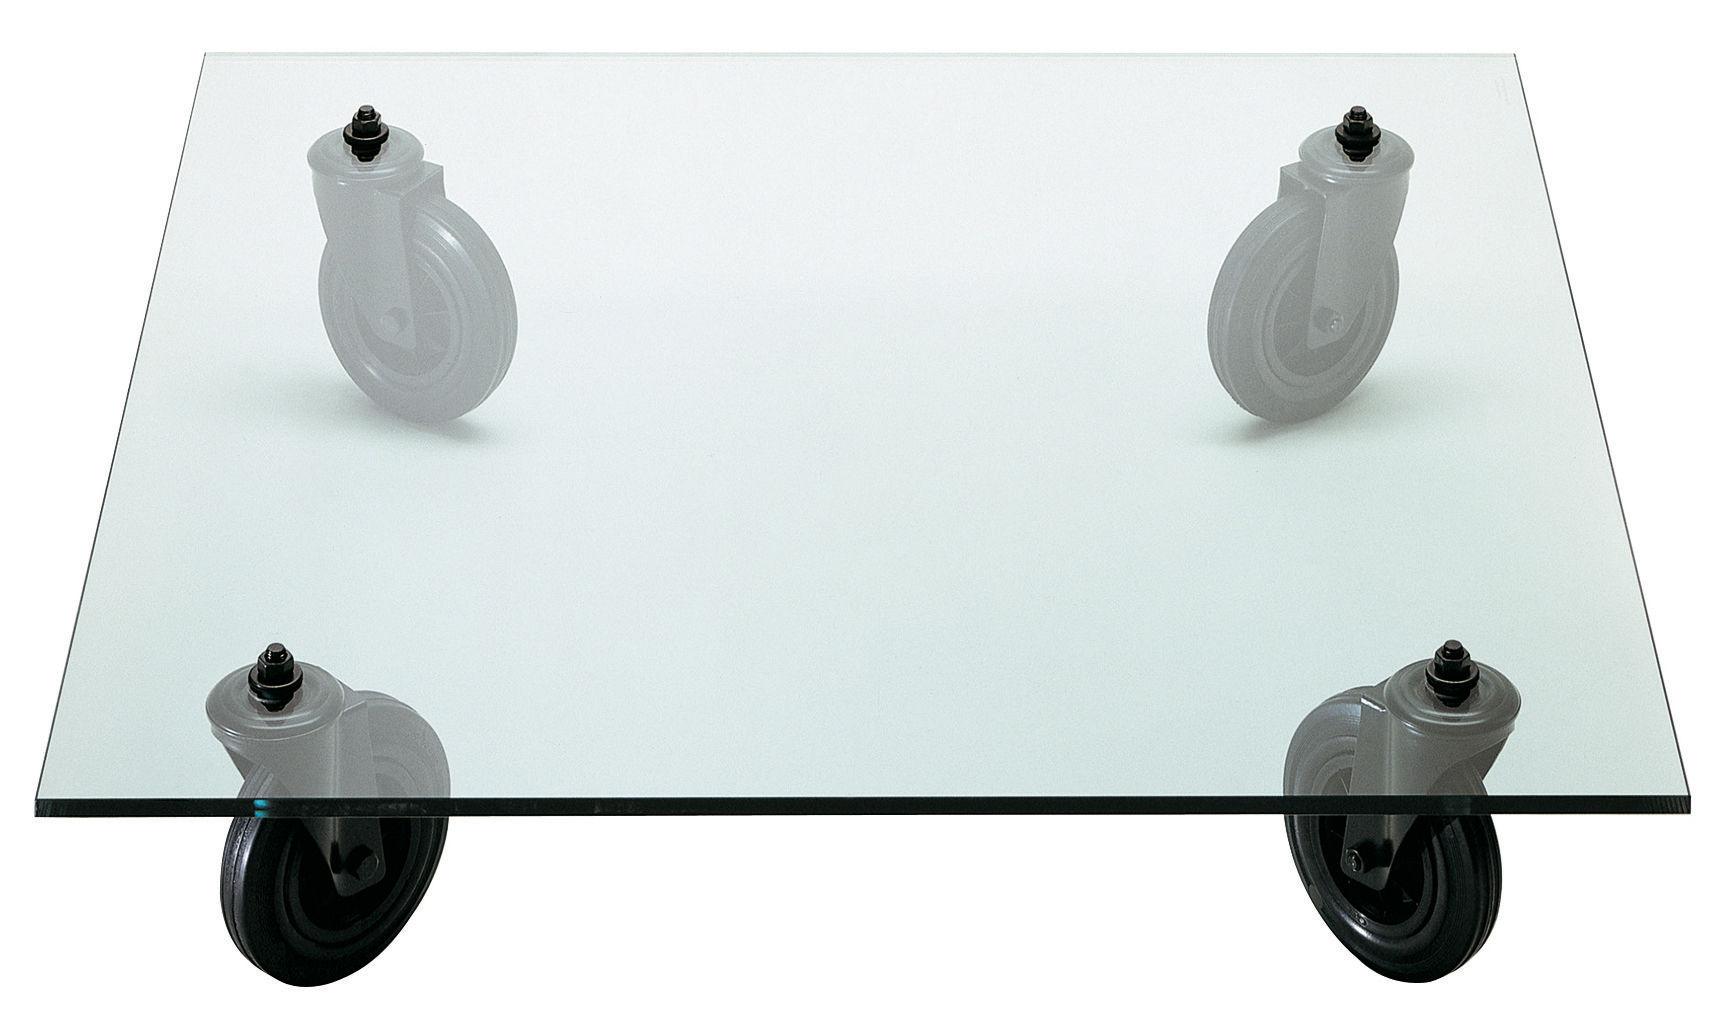 Arredamento - Tavolini  - Tavolino Gae Aulenti di Fontana Arte - 110 x 110 cm - Gomma, metallo verniciato, Vetro